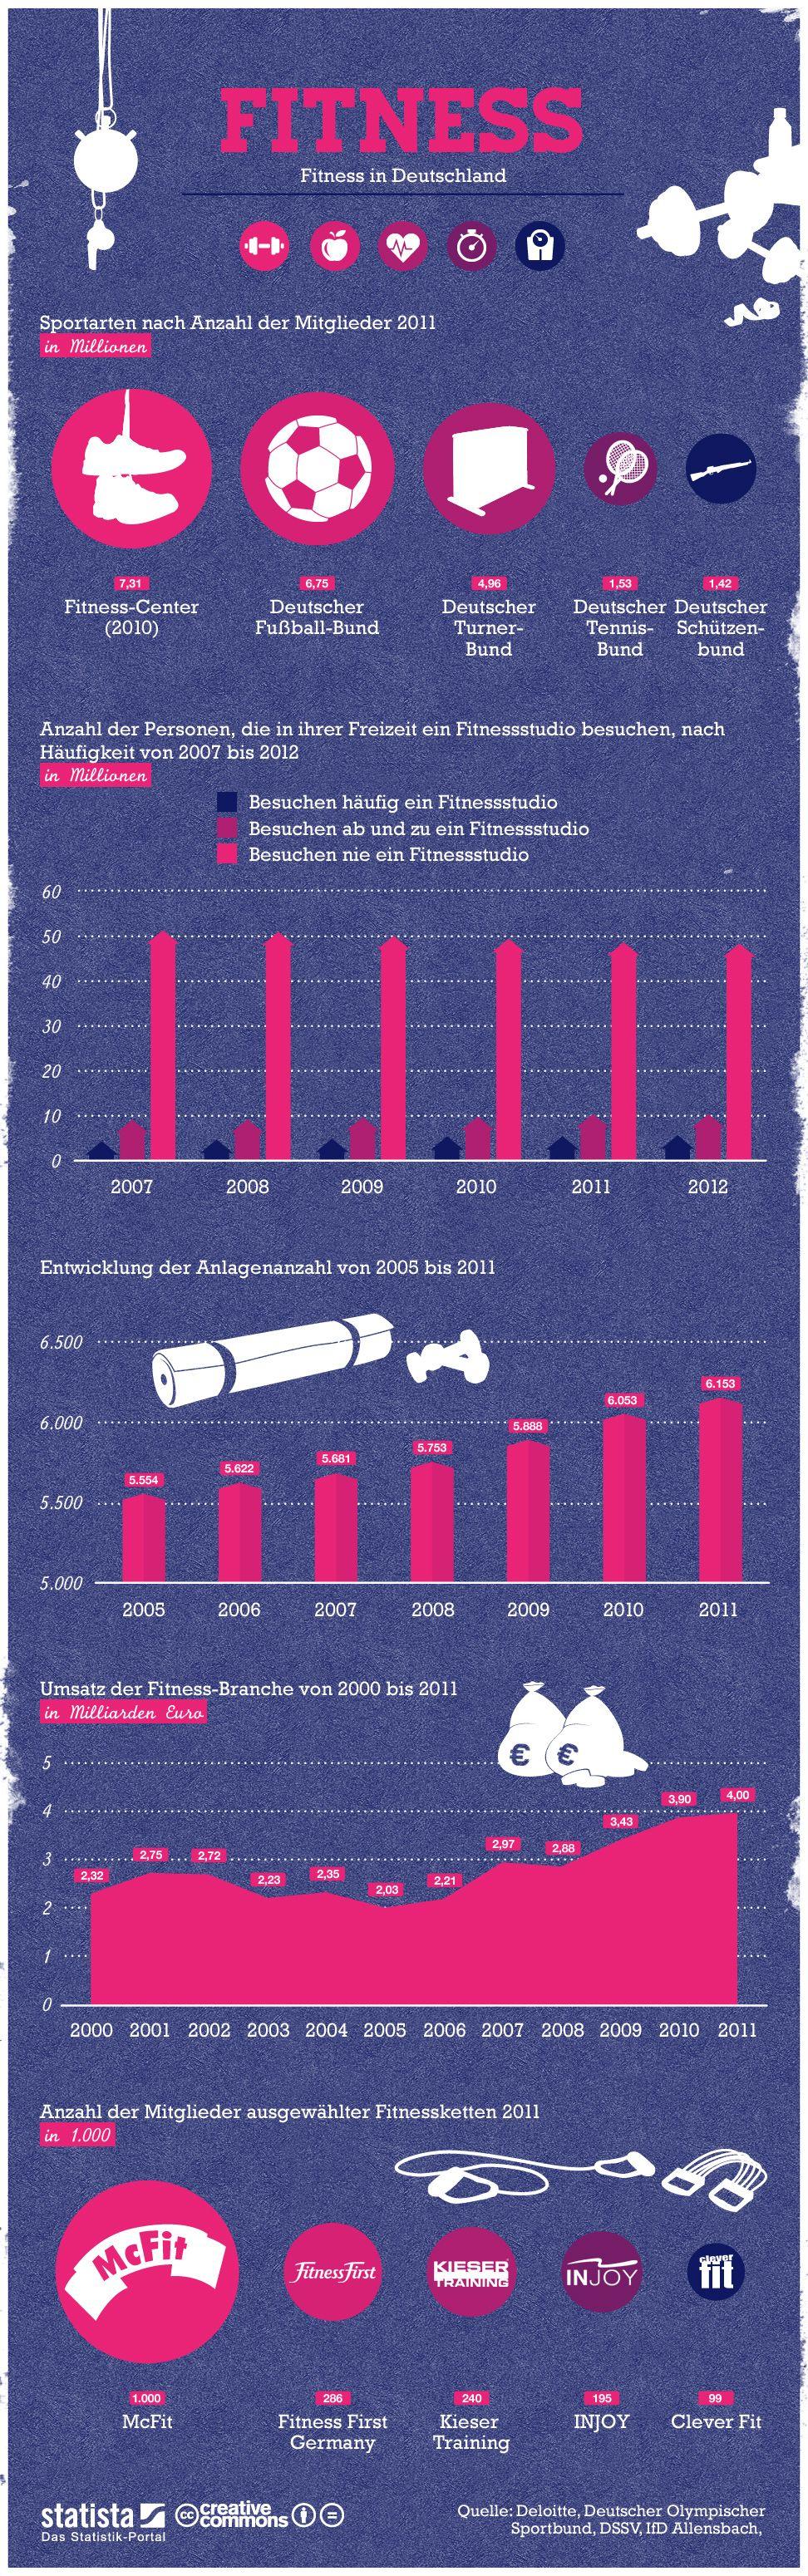 Fitness in Deutschland | Infografiken, Statistiken ...